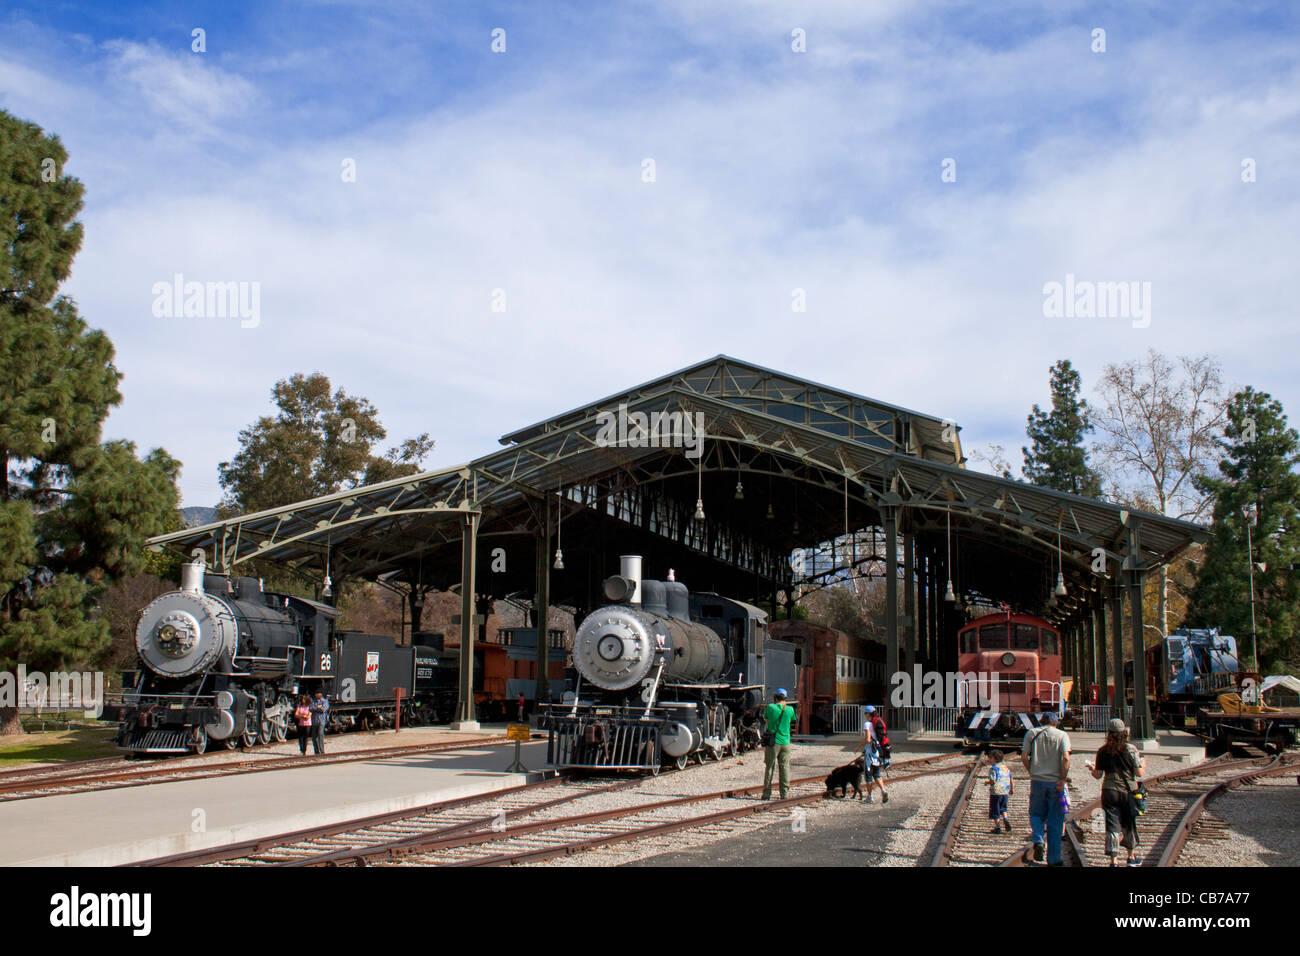 Città di viaggio, Griffith Park, Los Angeles, California, Stati Uniti d'America Immagini Stock